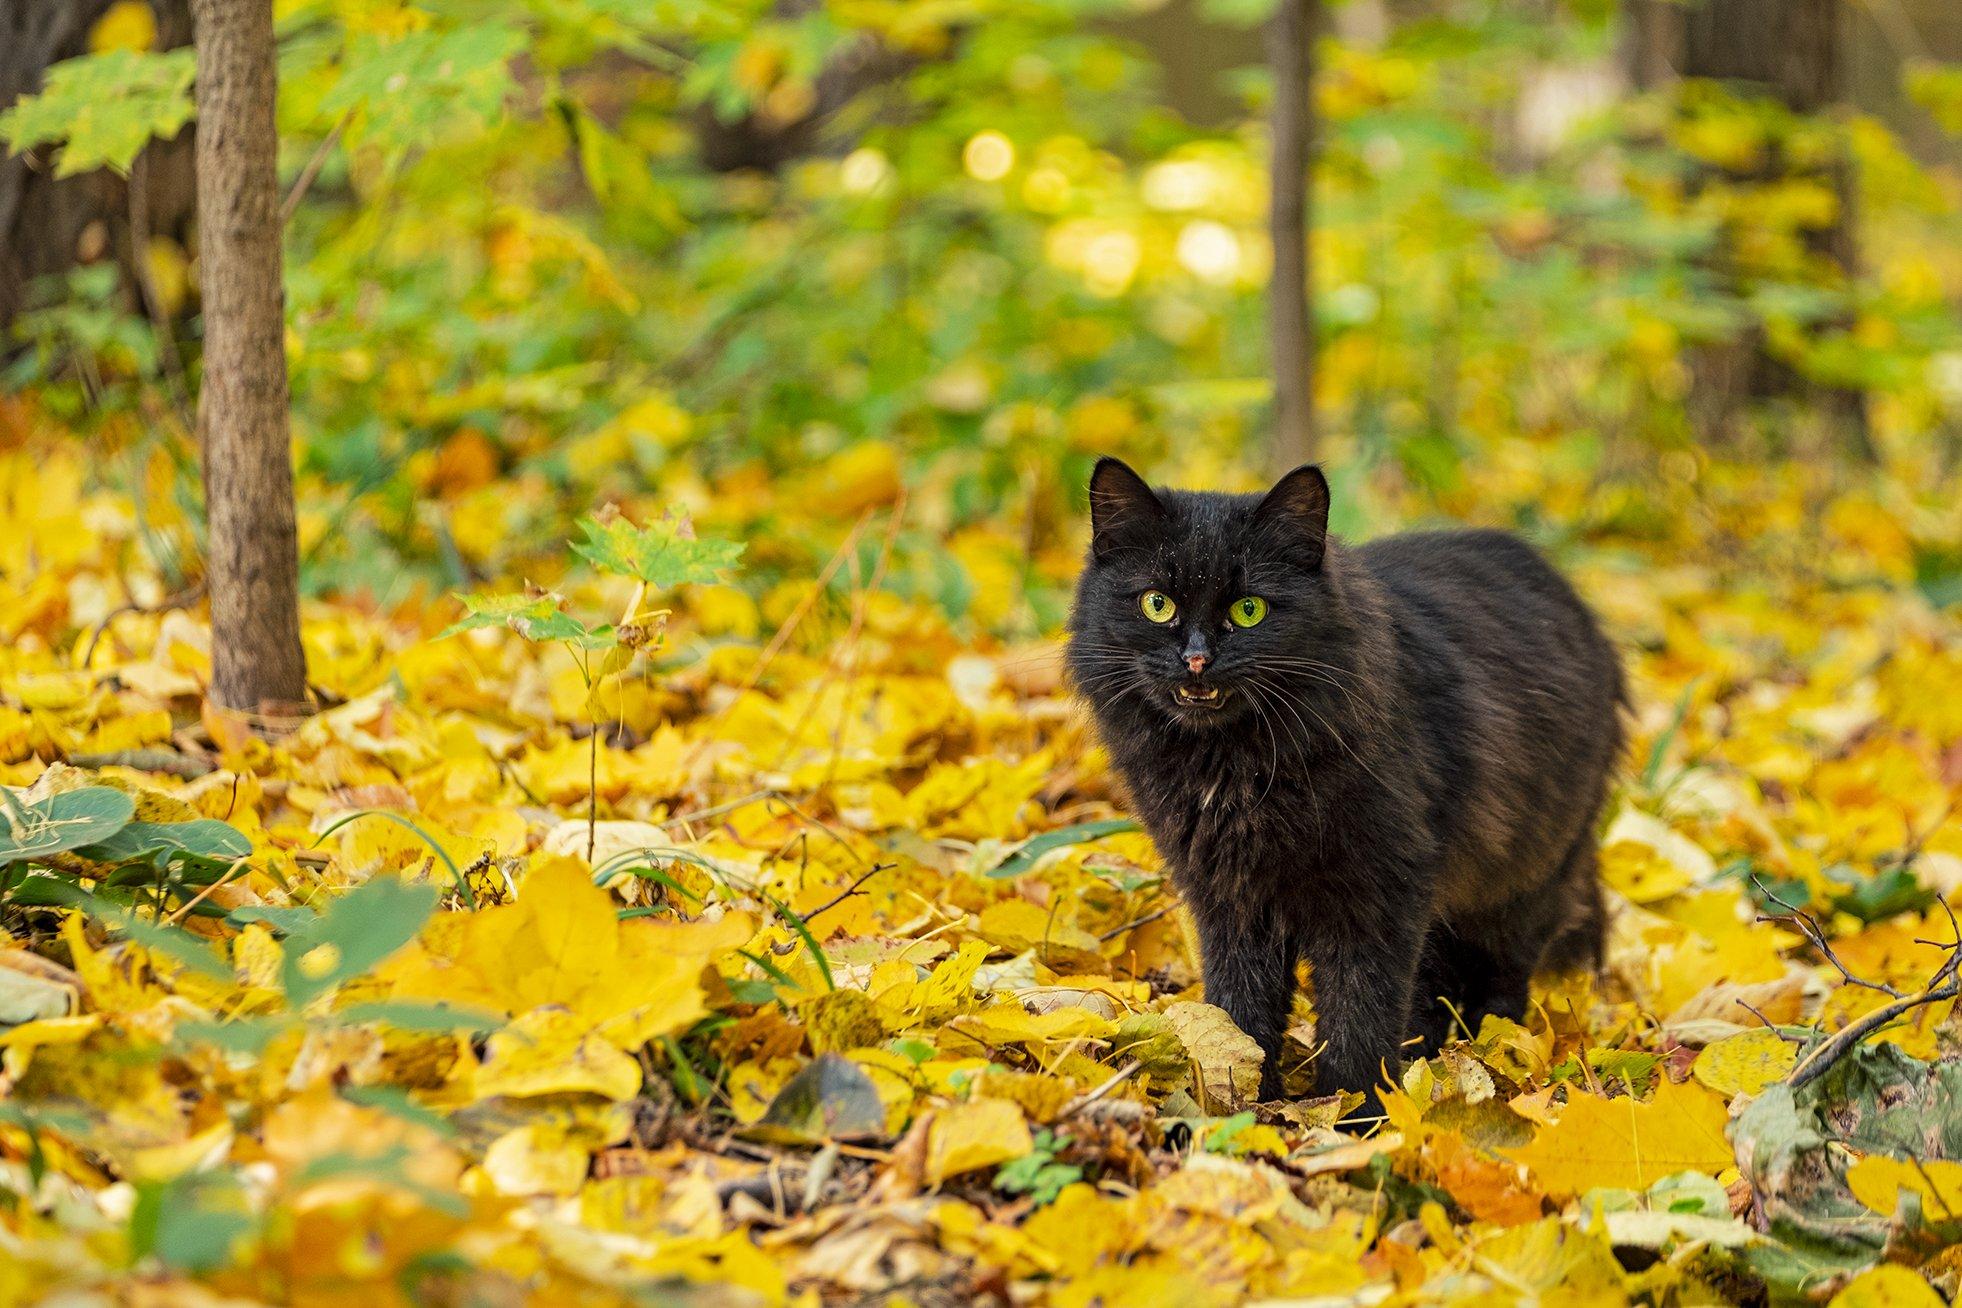 cat, fall, autumn, кот, кошка, осень, глаза, жёлтый, зелёный, yellow, green, Владимир В. Эделев